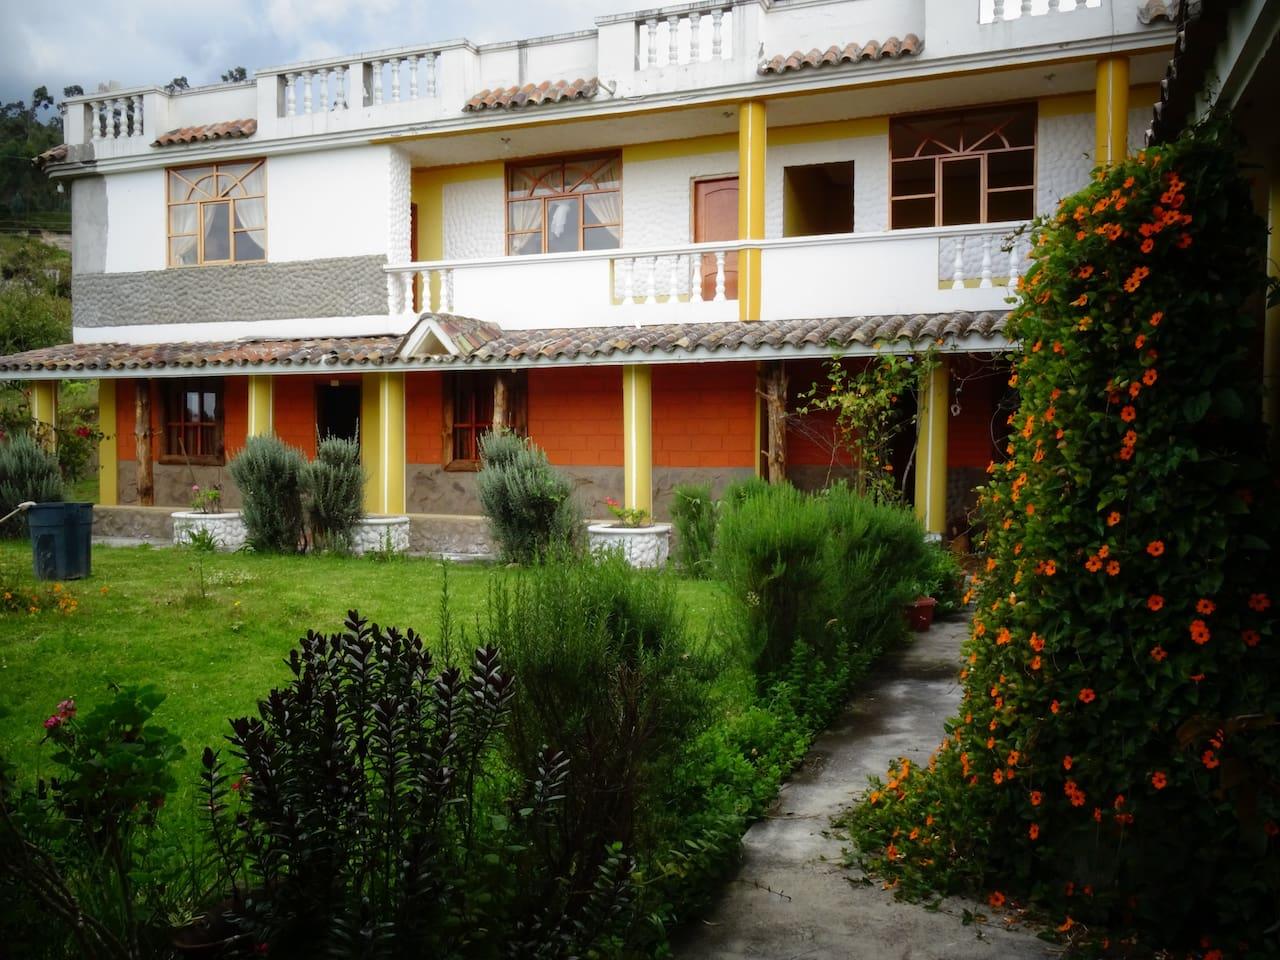 June 1: Otavalo, Ecuador